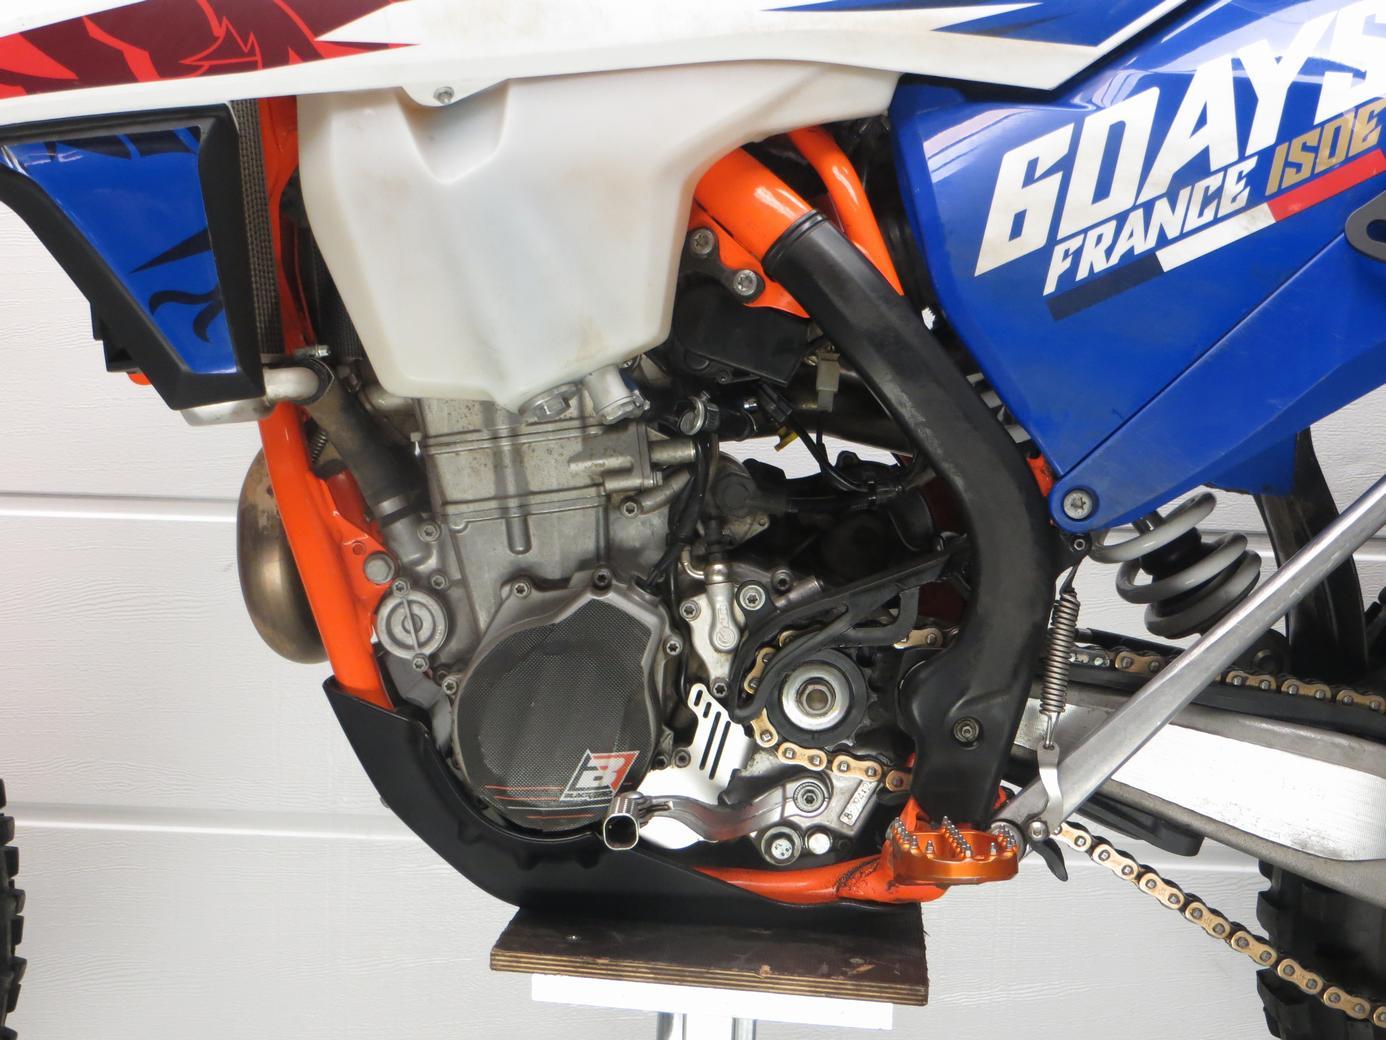 KTM - 450 EXC SIX DAYS